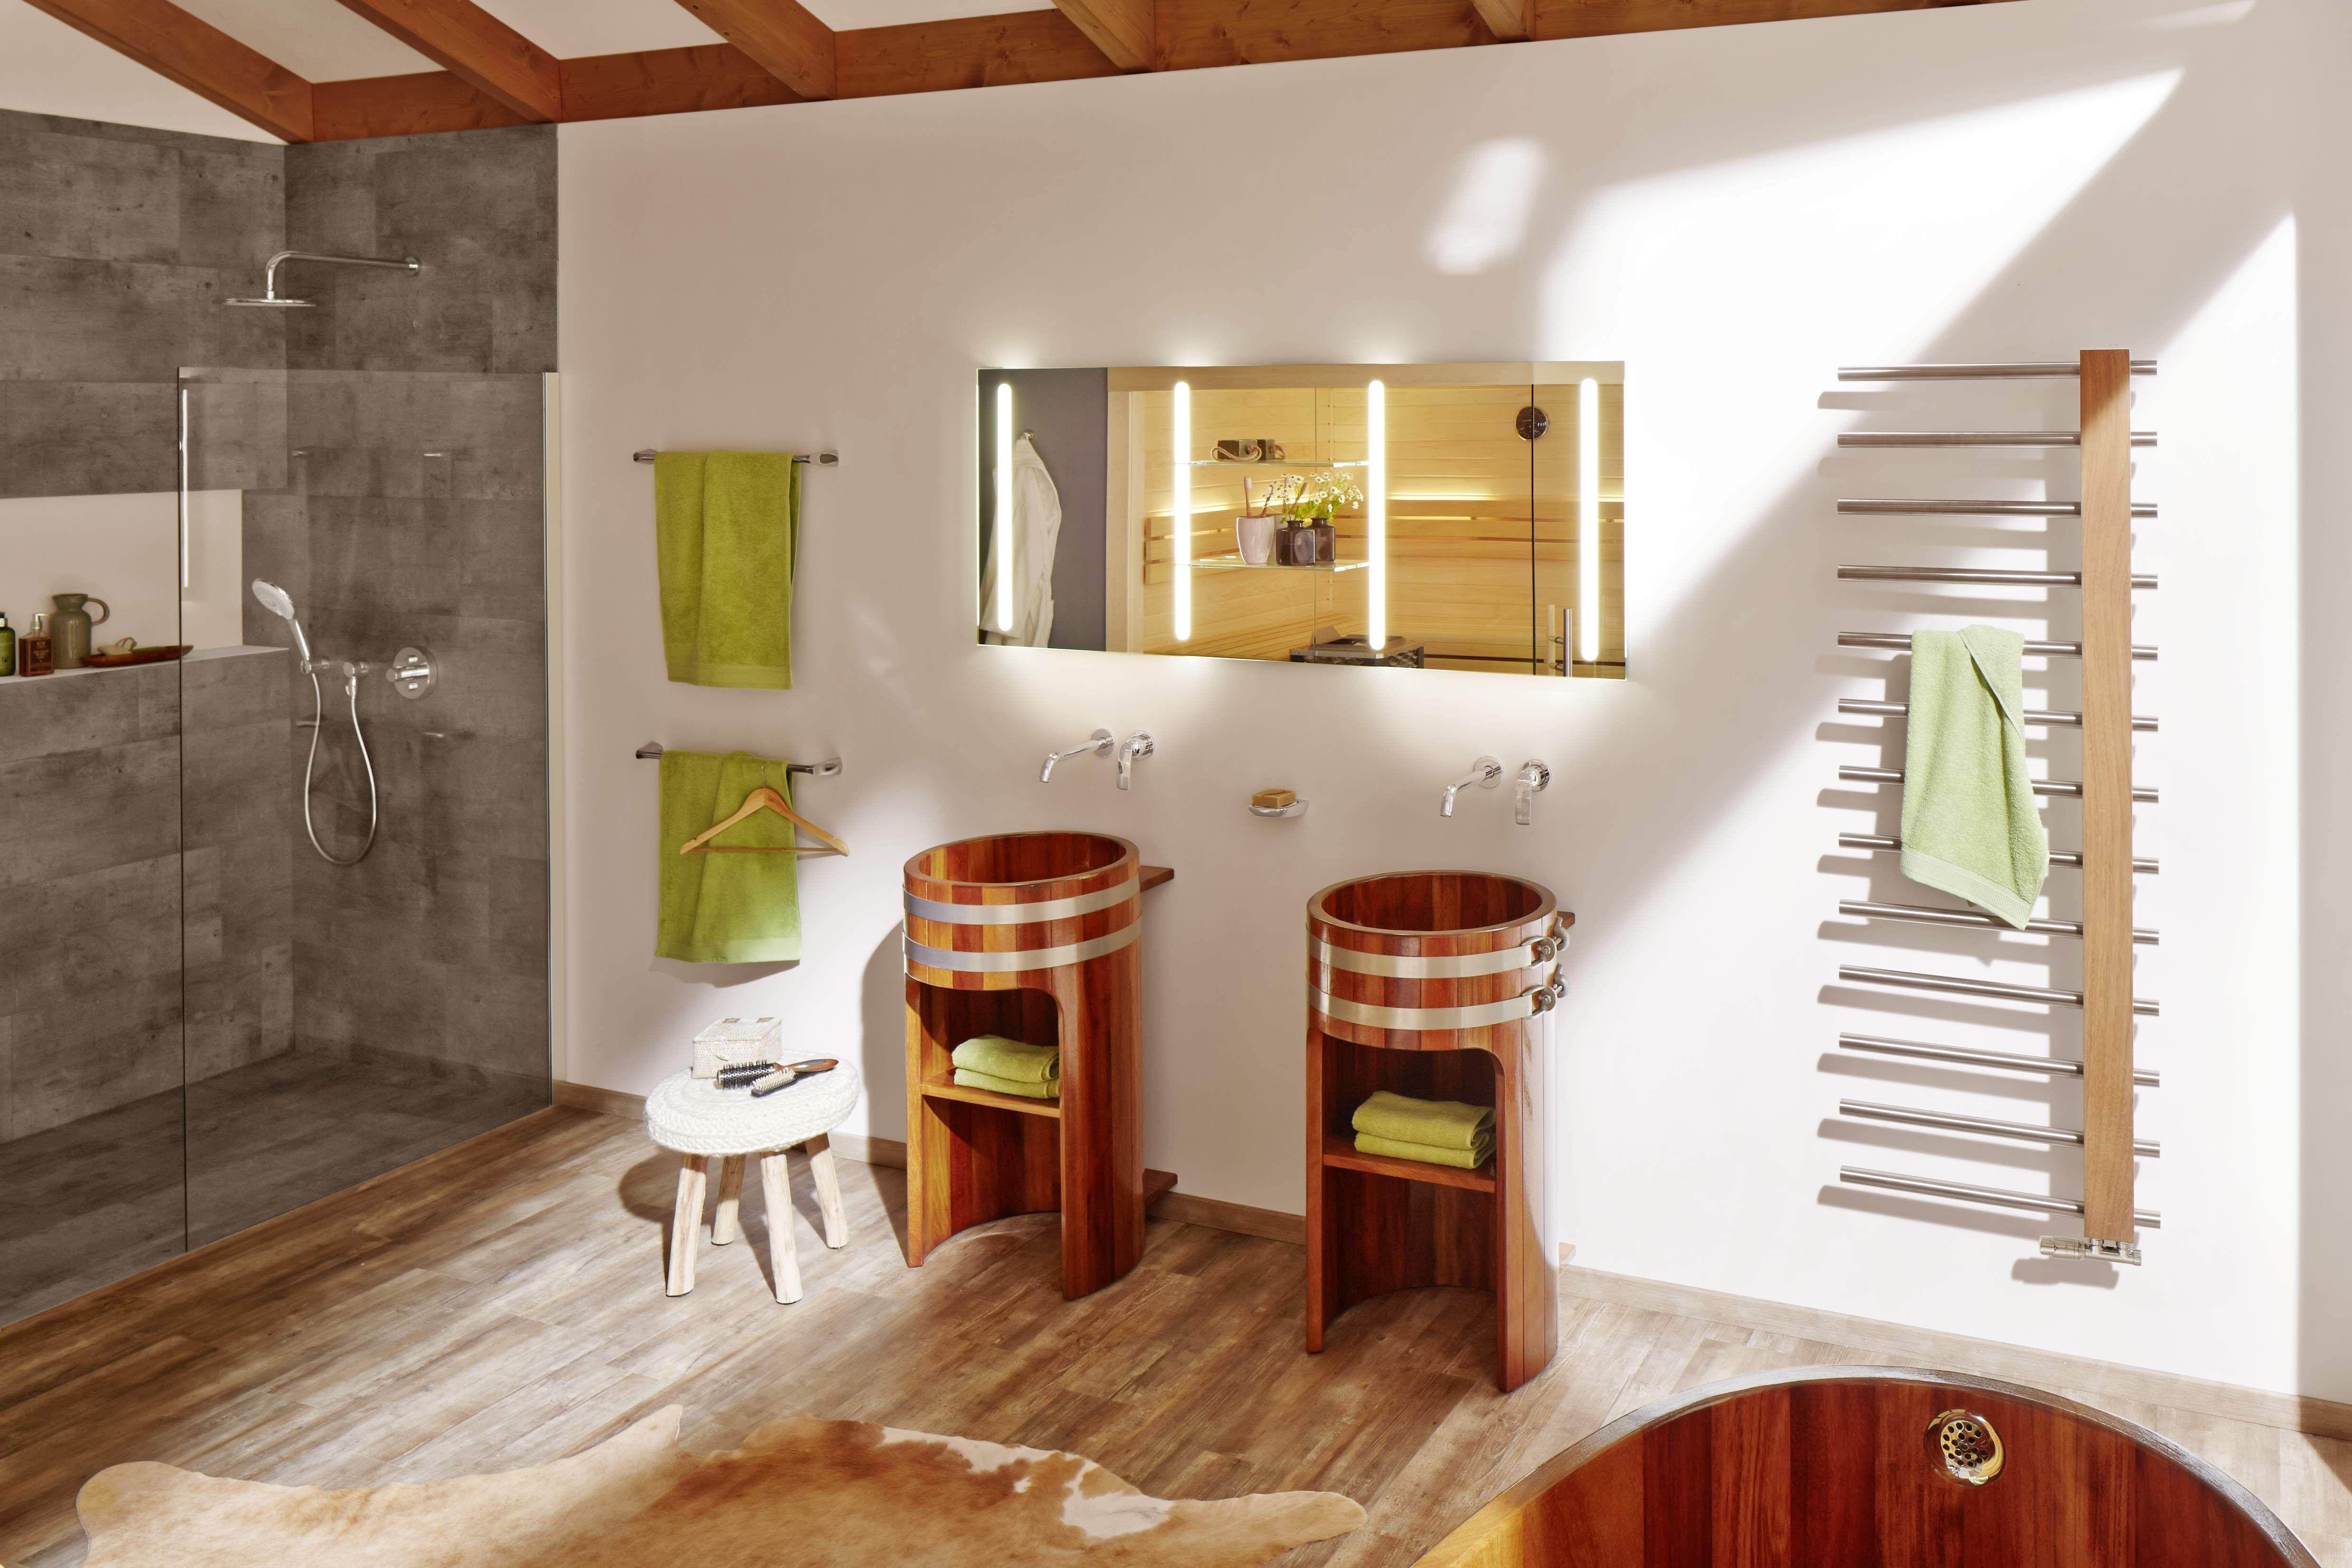 Spiegel Badezimmer ~ Yourstyle sowohl in puncto badezimmer design als auch im spiegel